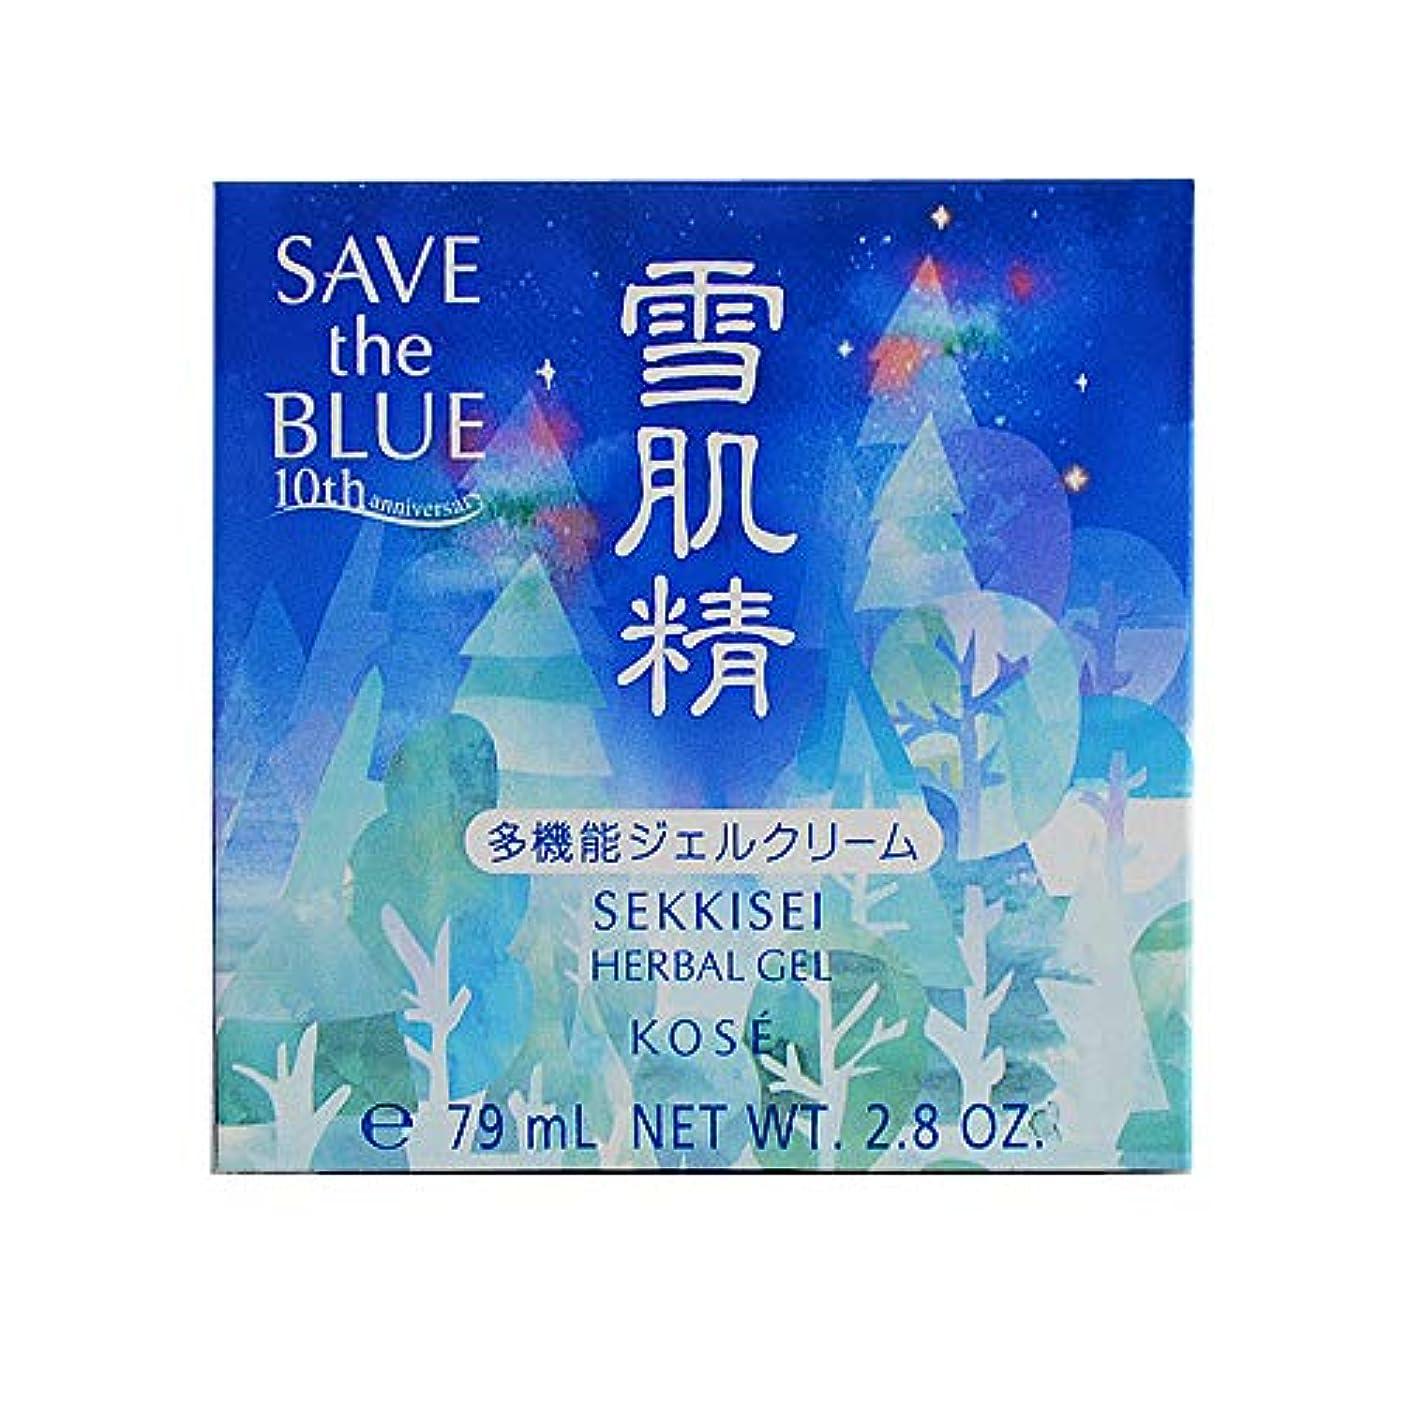 オフェンス先祖おしゃれじゃないコーセー 雪肌精 ハーバルジェル 80g (SAVE the BLUE) [ フェイスクリーム ] [並行輸入品]